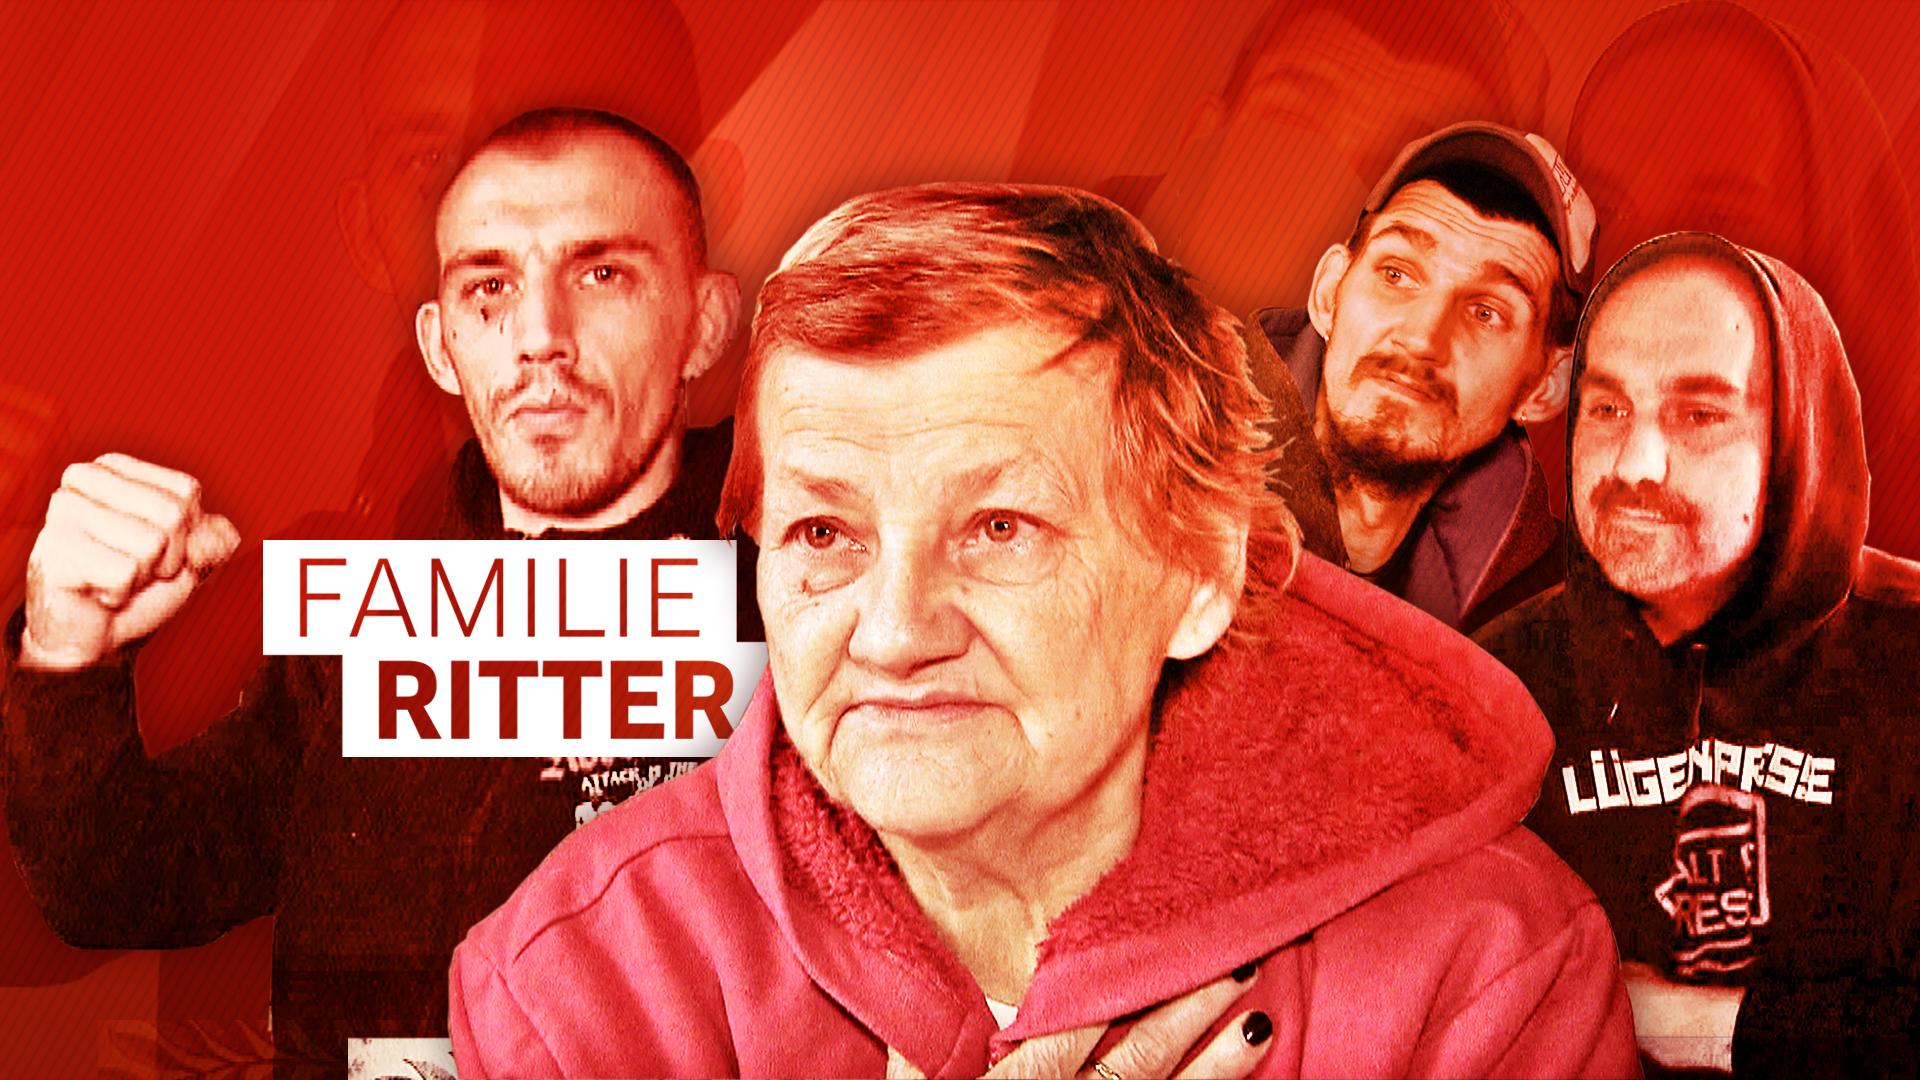 Familie Bild: Familie Ritter Kothen Stern Tv 2019